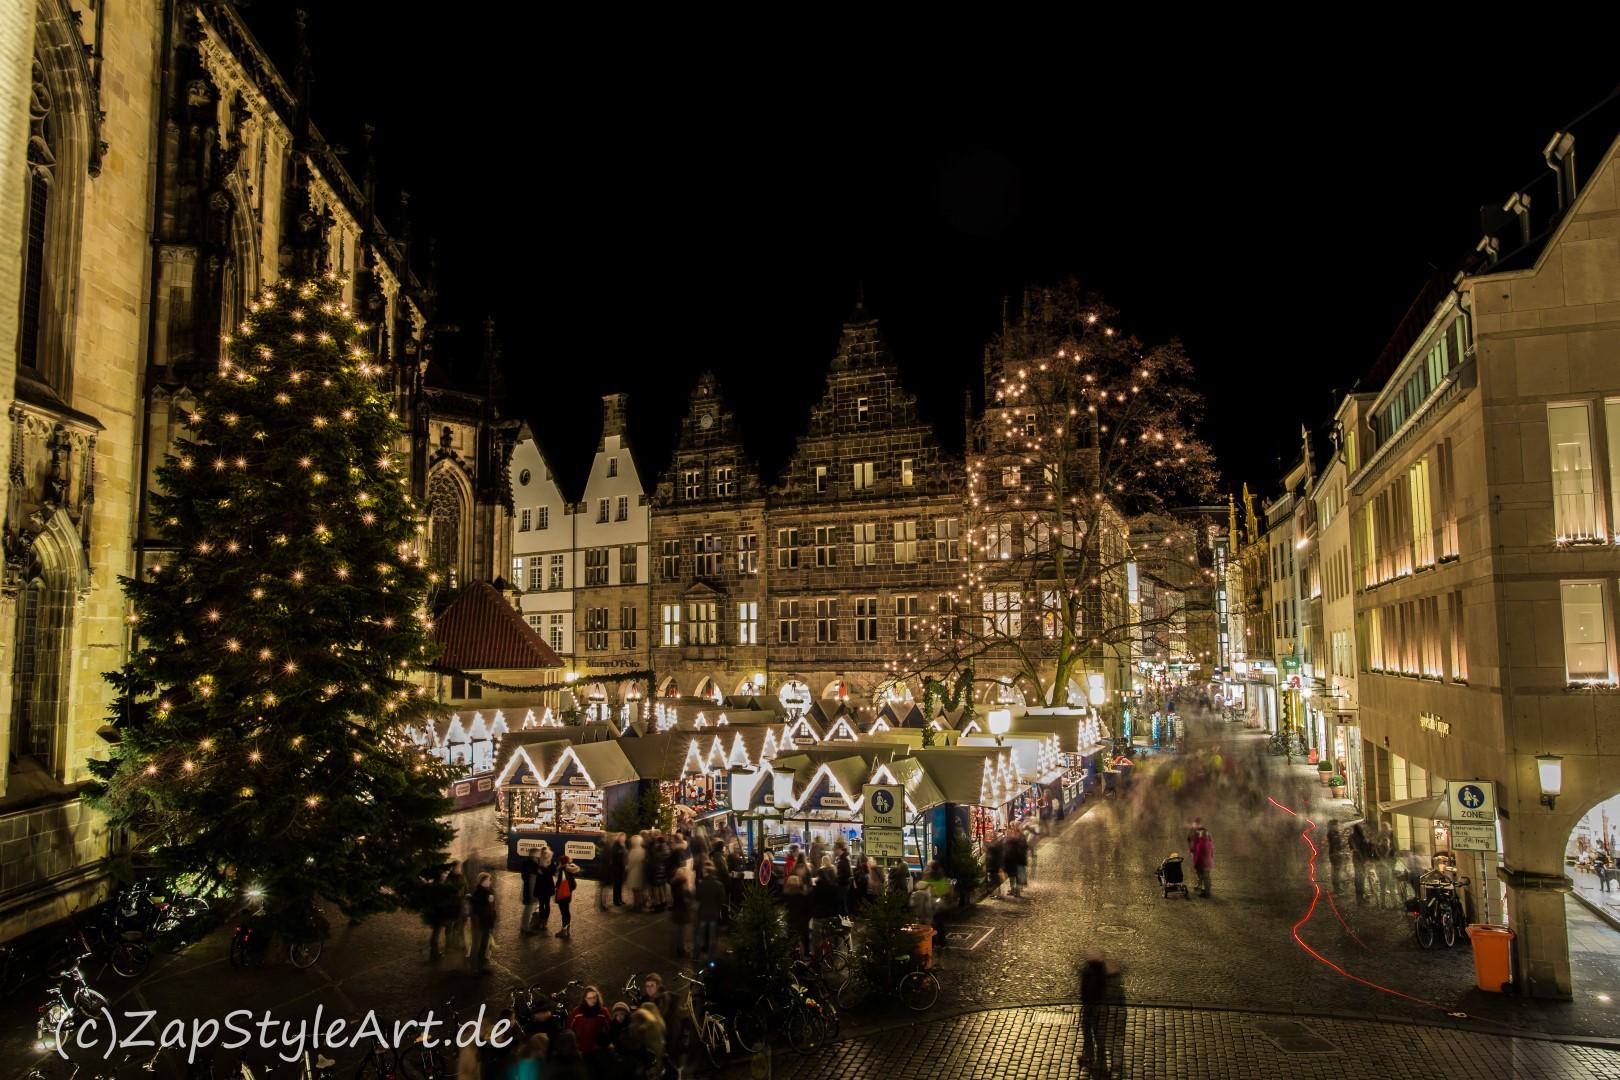 Weihnachtsmarkt Munster